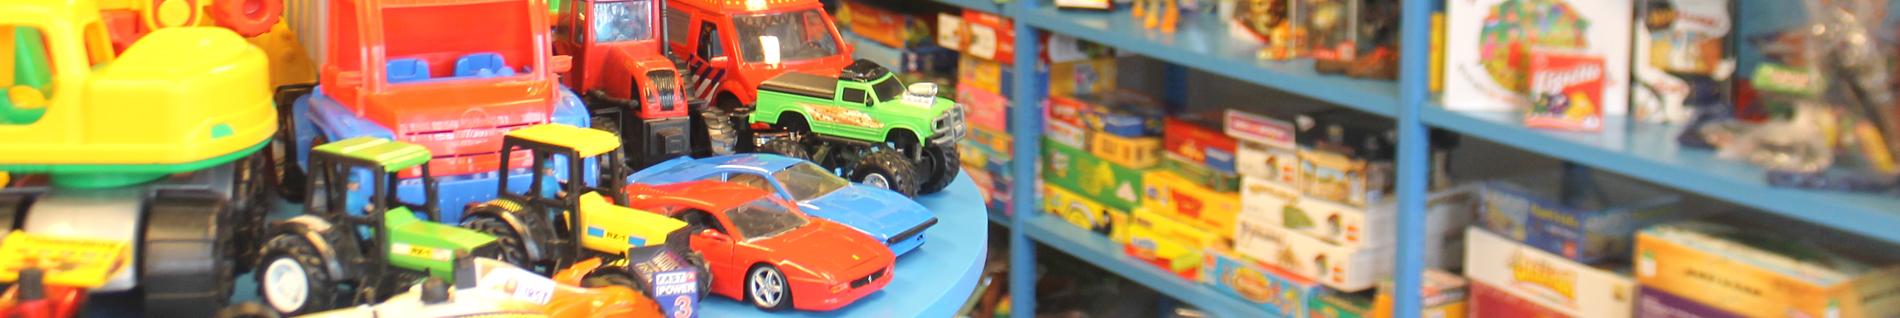 Welkom bij speelgoedbank De Meern